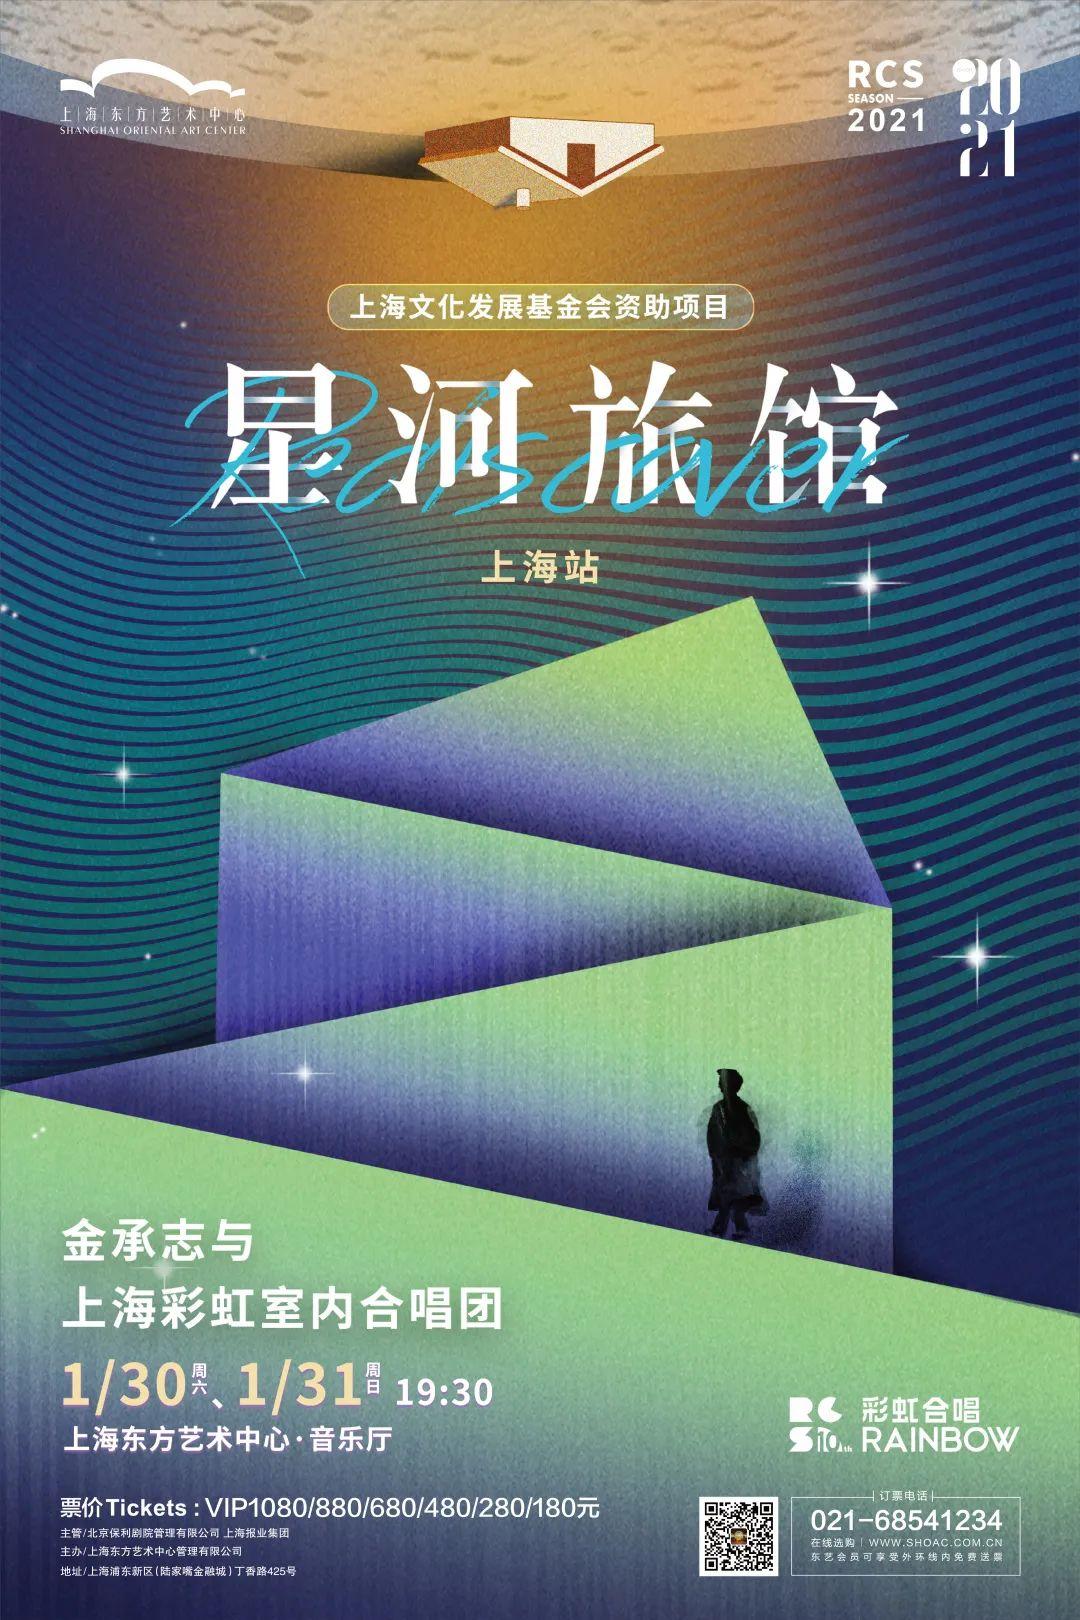 彩虹现场|《星河旅馆》上海站,正式定档!